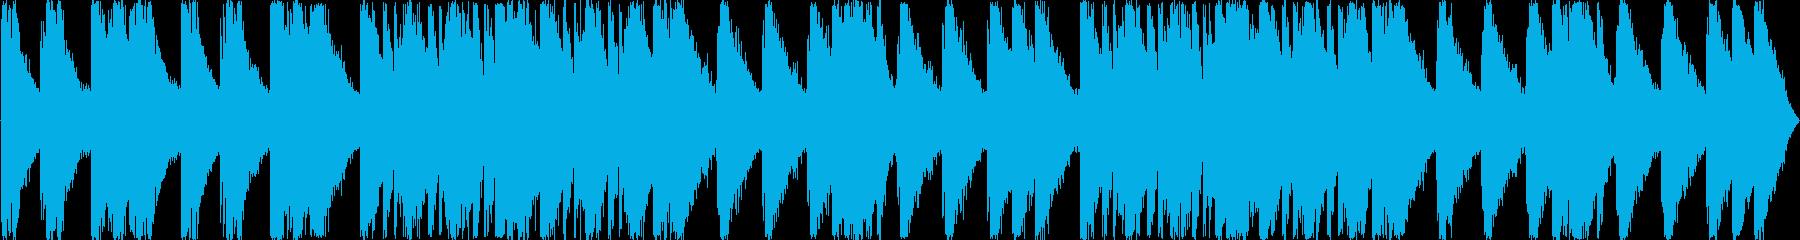 打楽器のみによるドラムマーチの再生済みの波形